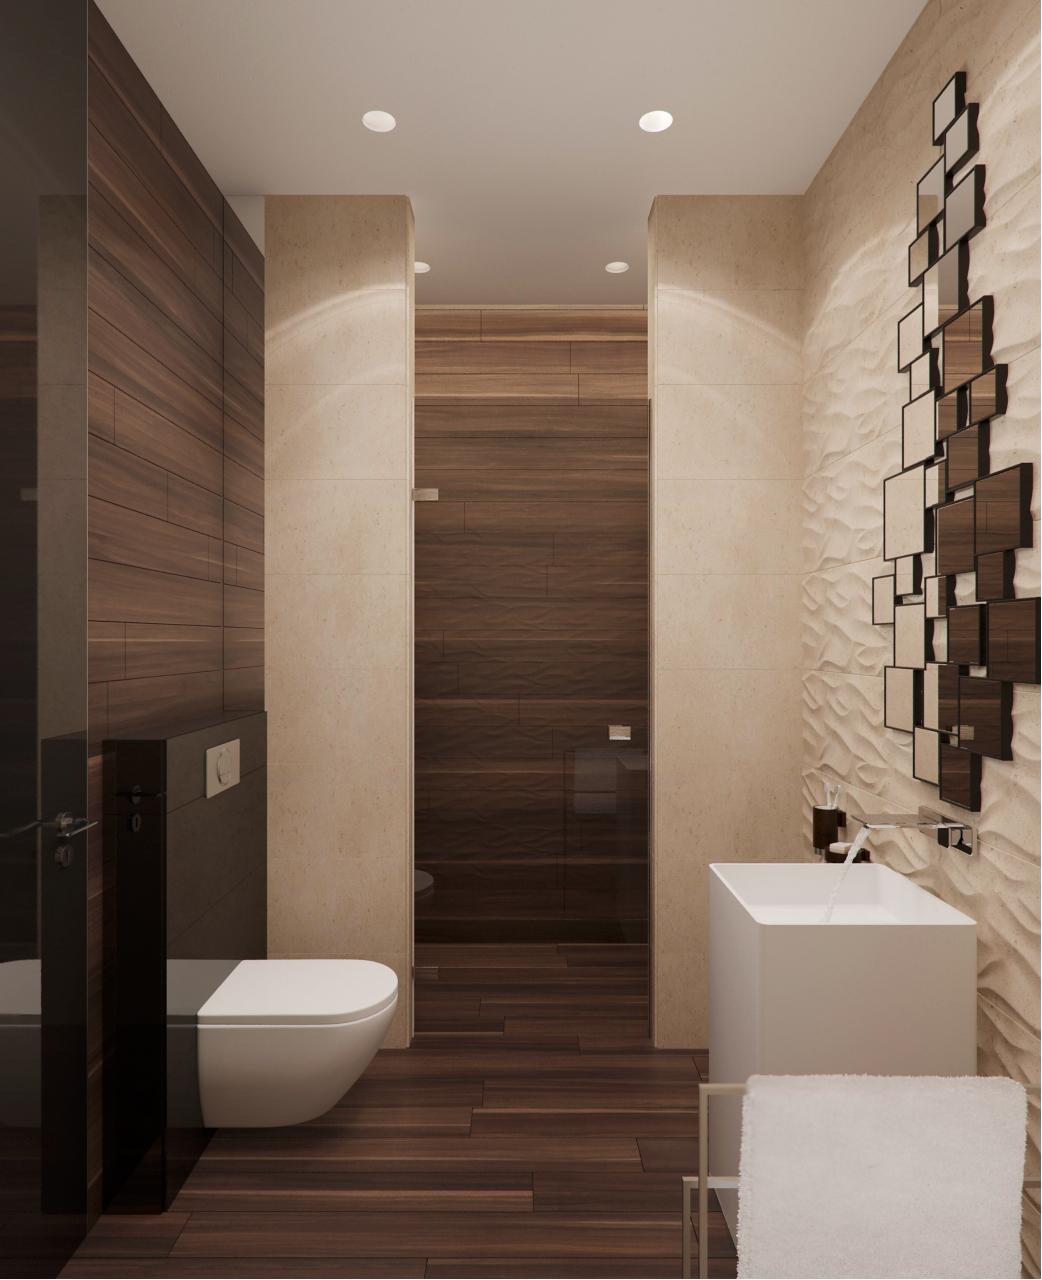 wall texture decor for bathroom